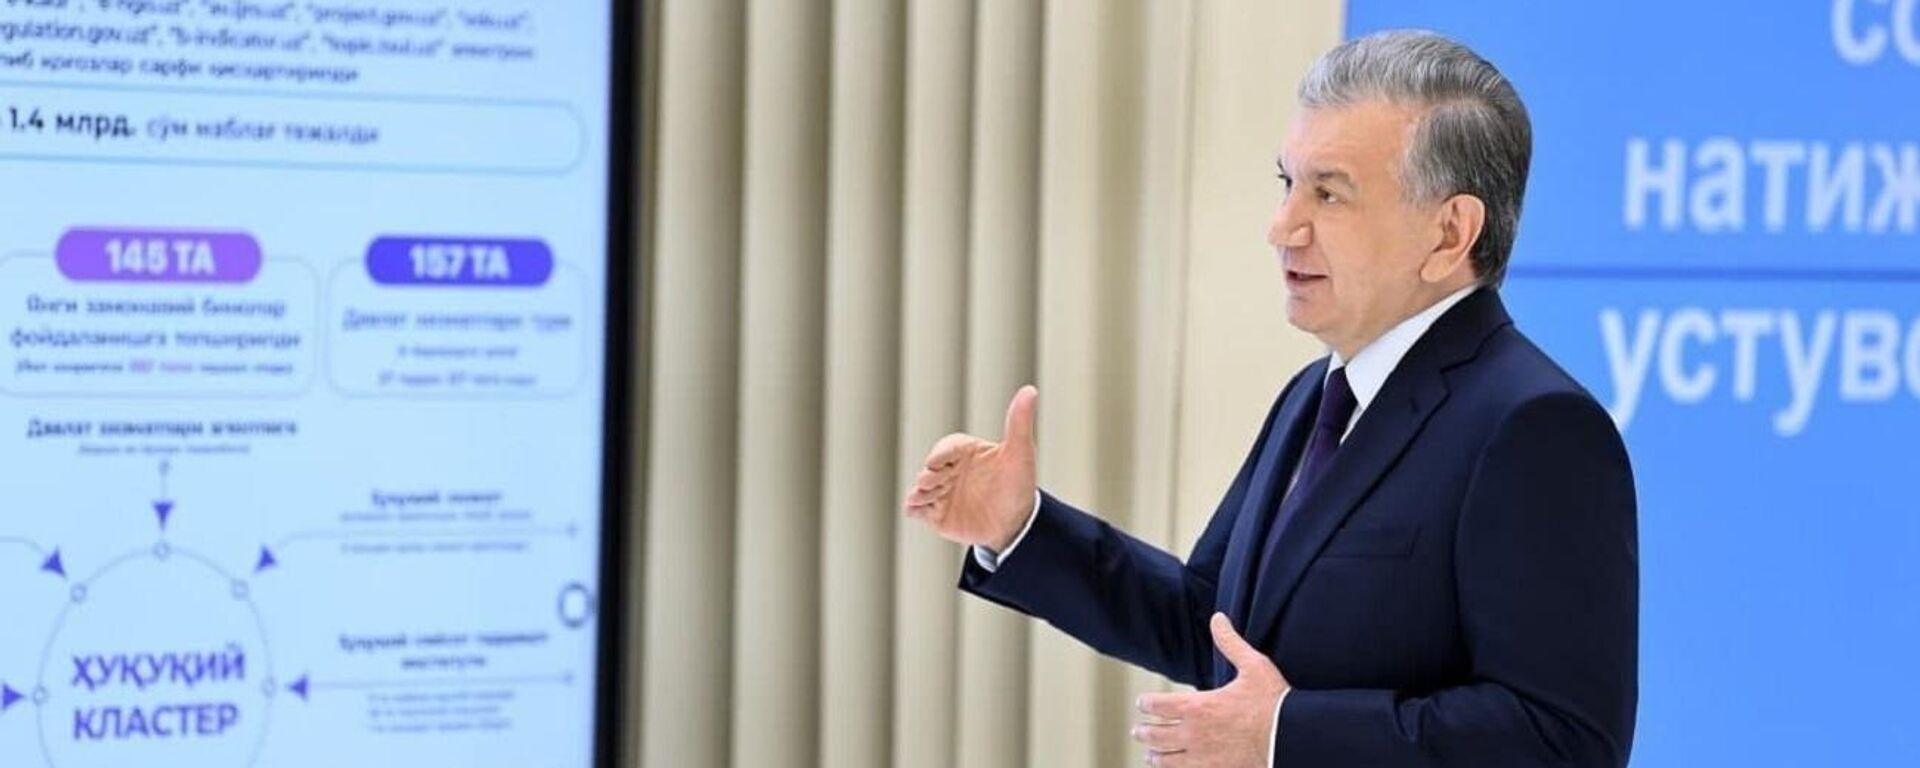 Шавкат Мирзиёев ознакомился с презентацией о прогрессе реформ в сфере госуслуг - Sputnik Ўзбекистон, 1920, 11.05.2021